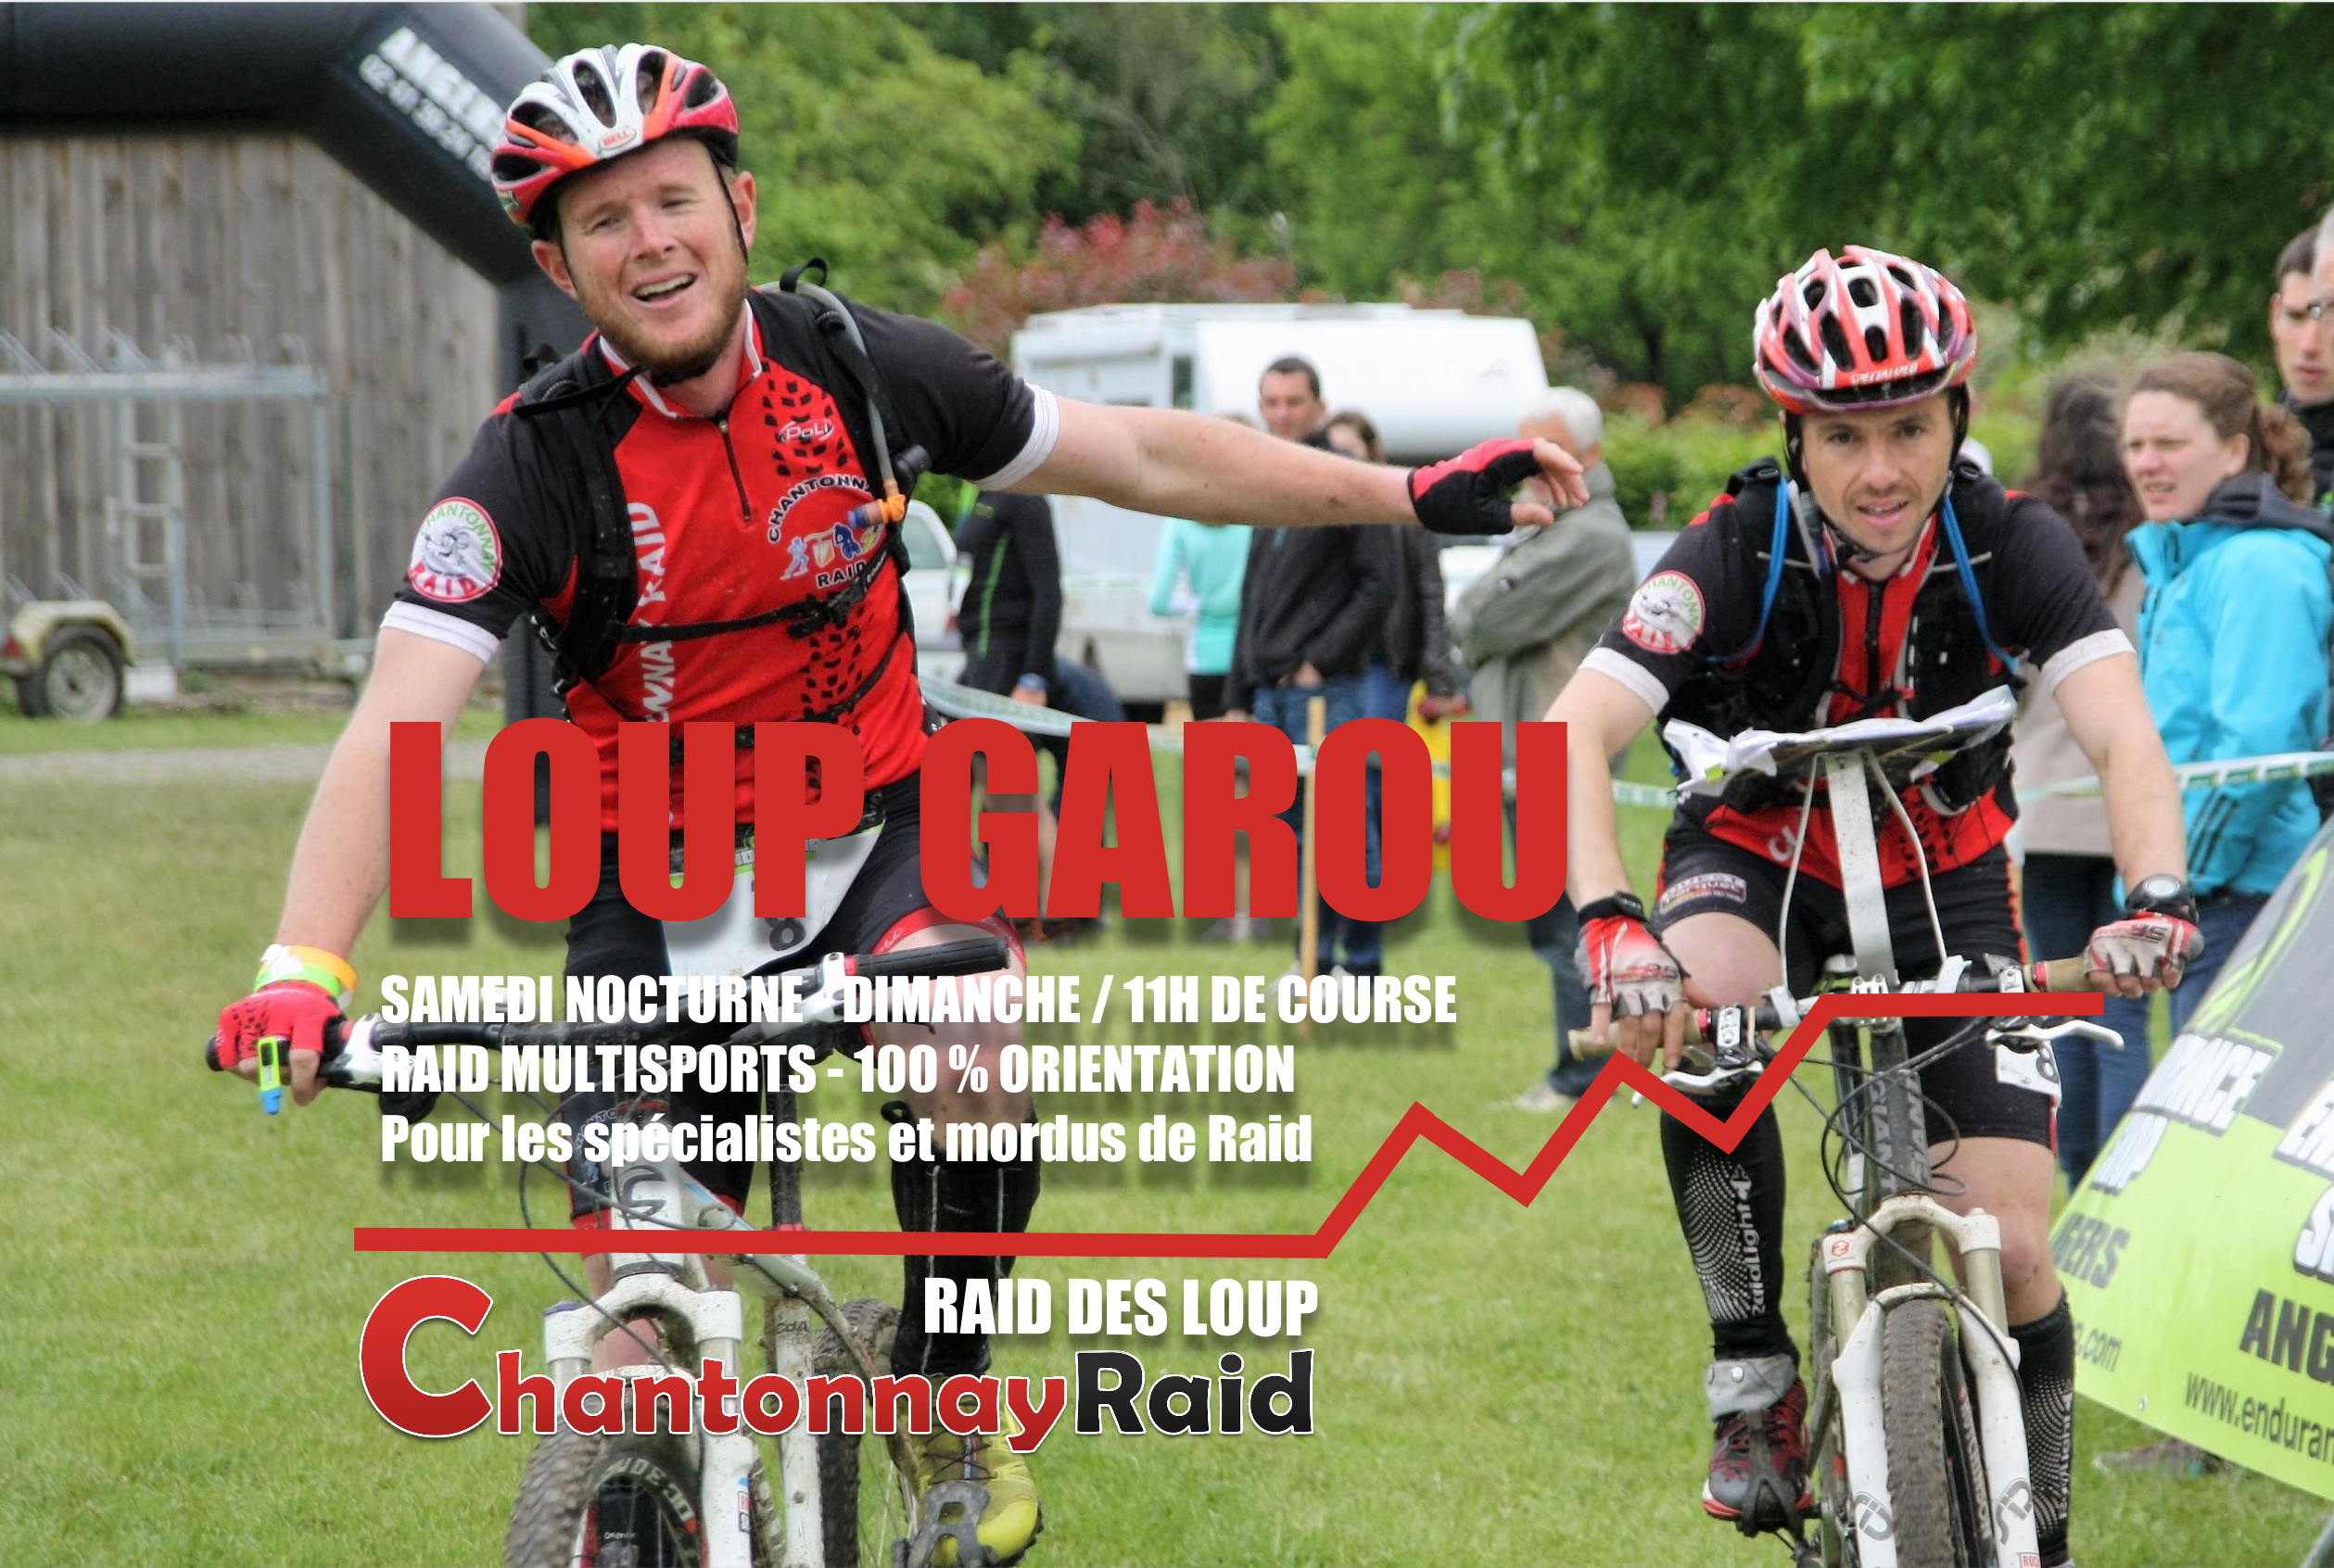 Calendrier Raid Multisport 2019.Raid Loup Garou 11h De Course Chantonnay Raid